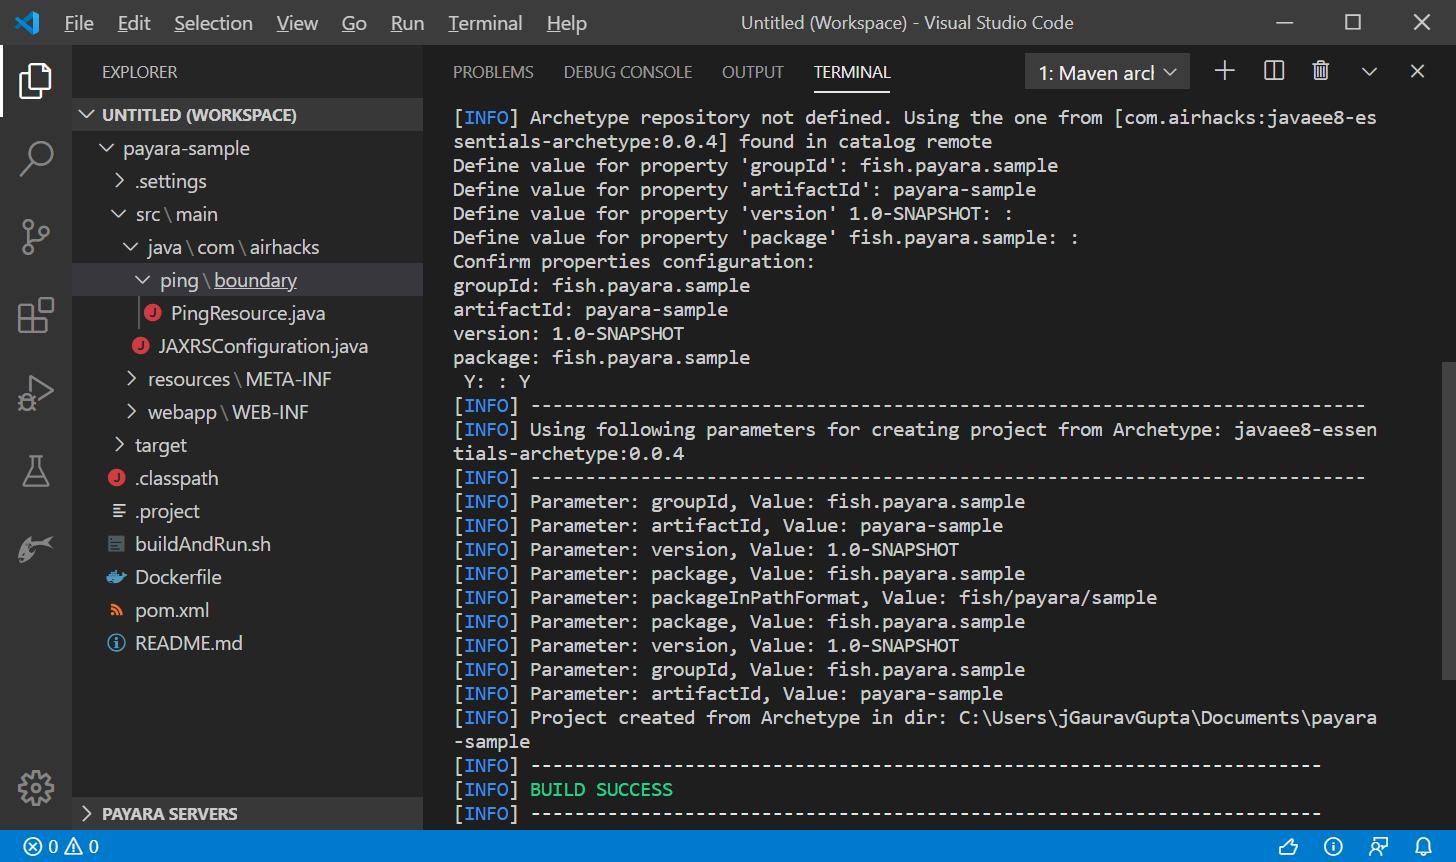 file menu screen shot